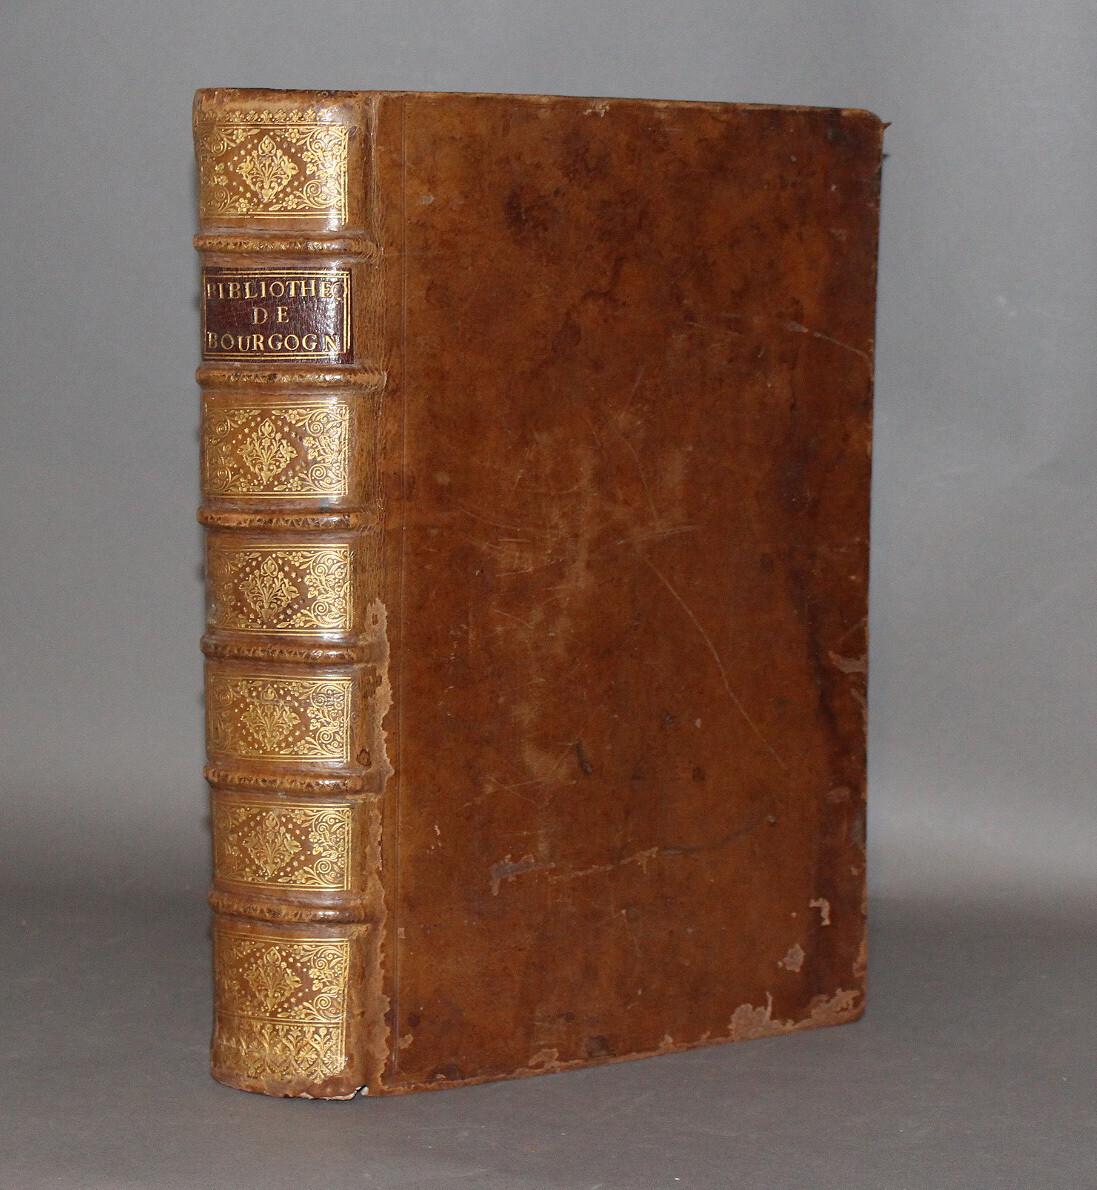 PAPILLON.- Bibliothèque des auteurs de Bourgogne..., 1742. Édition originale.